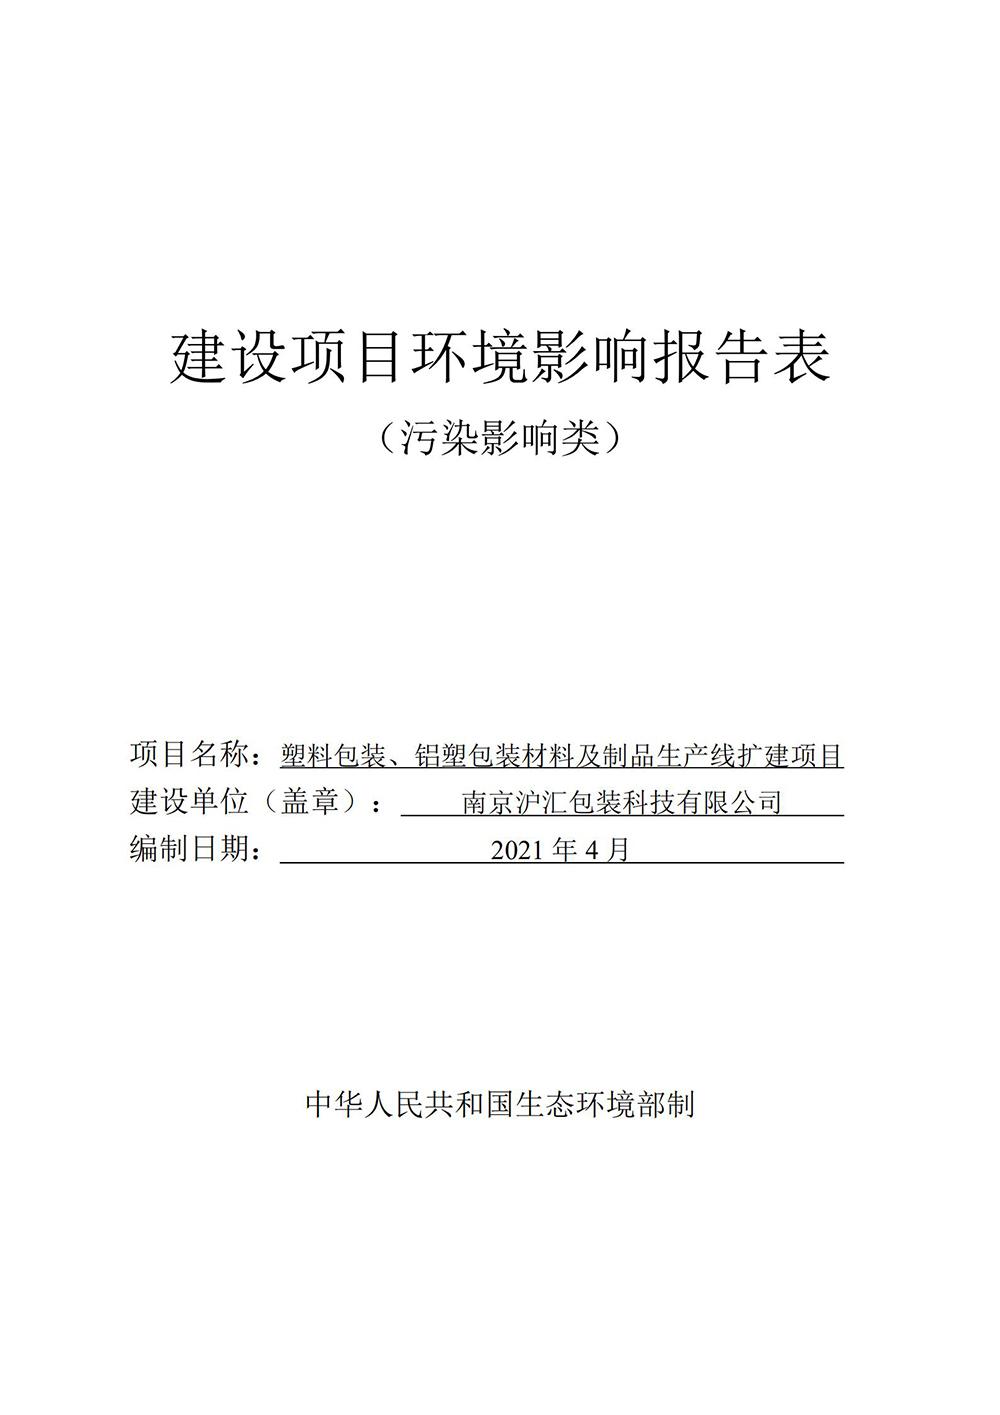 南京滬匯包裝科技有限公司塑料包裝、鋁塑包裝材料及制品生產線擴建項目環境影響報告表全本公示